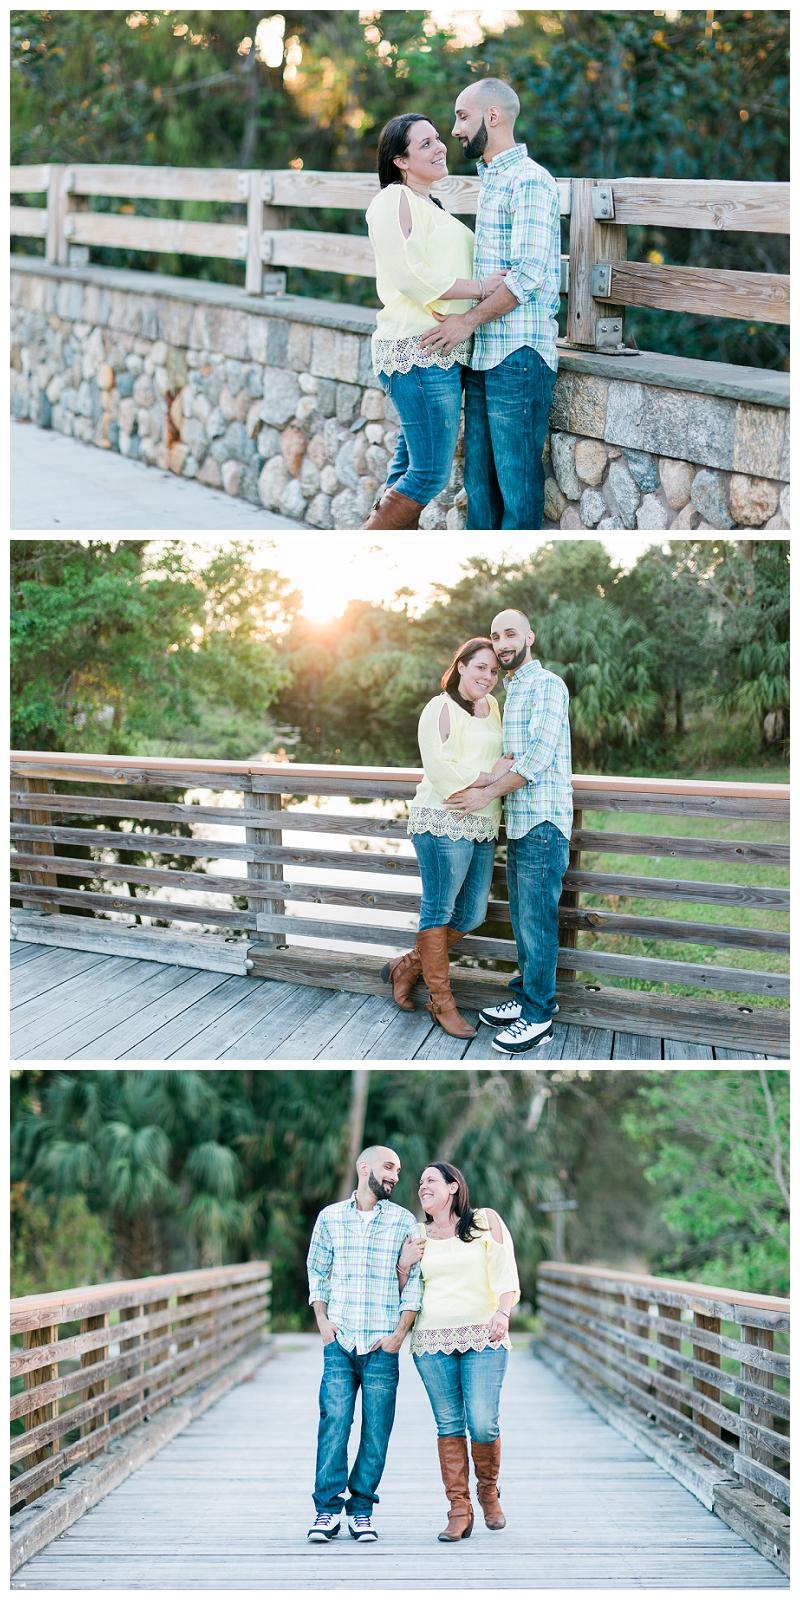 riverbend park engagement photos